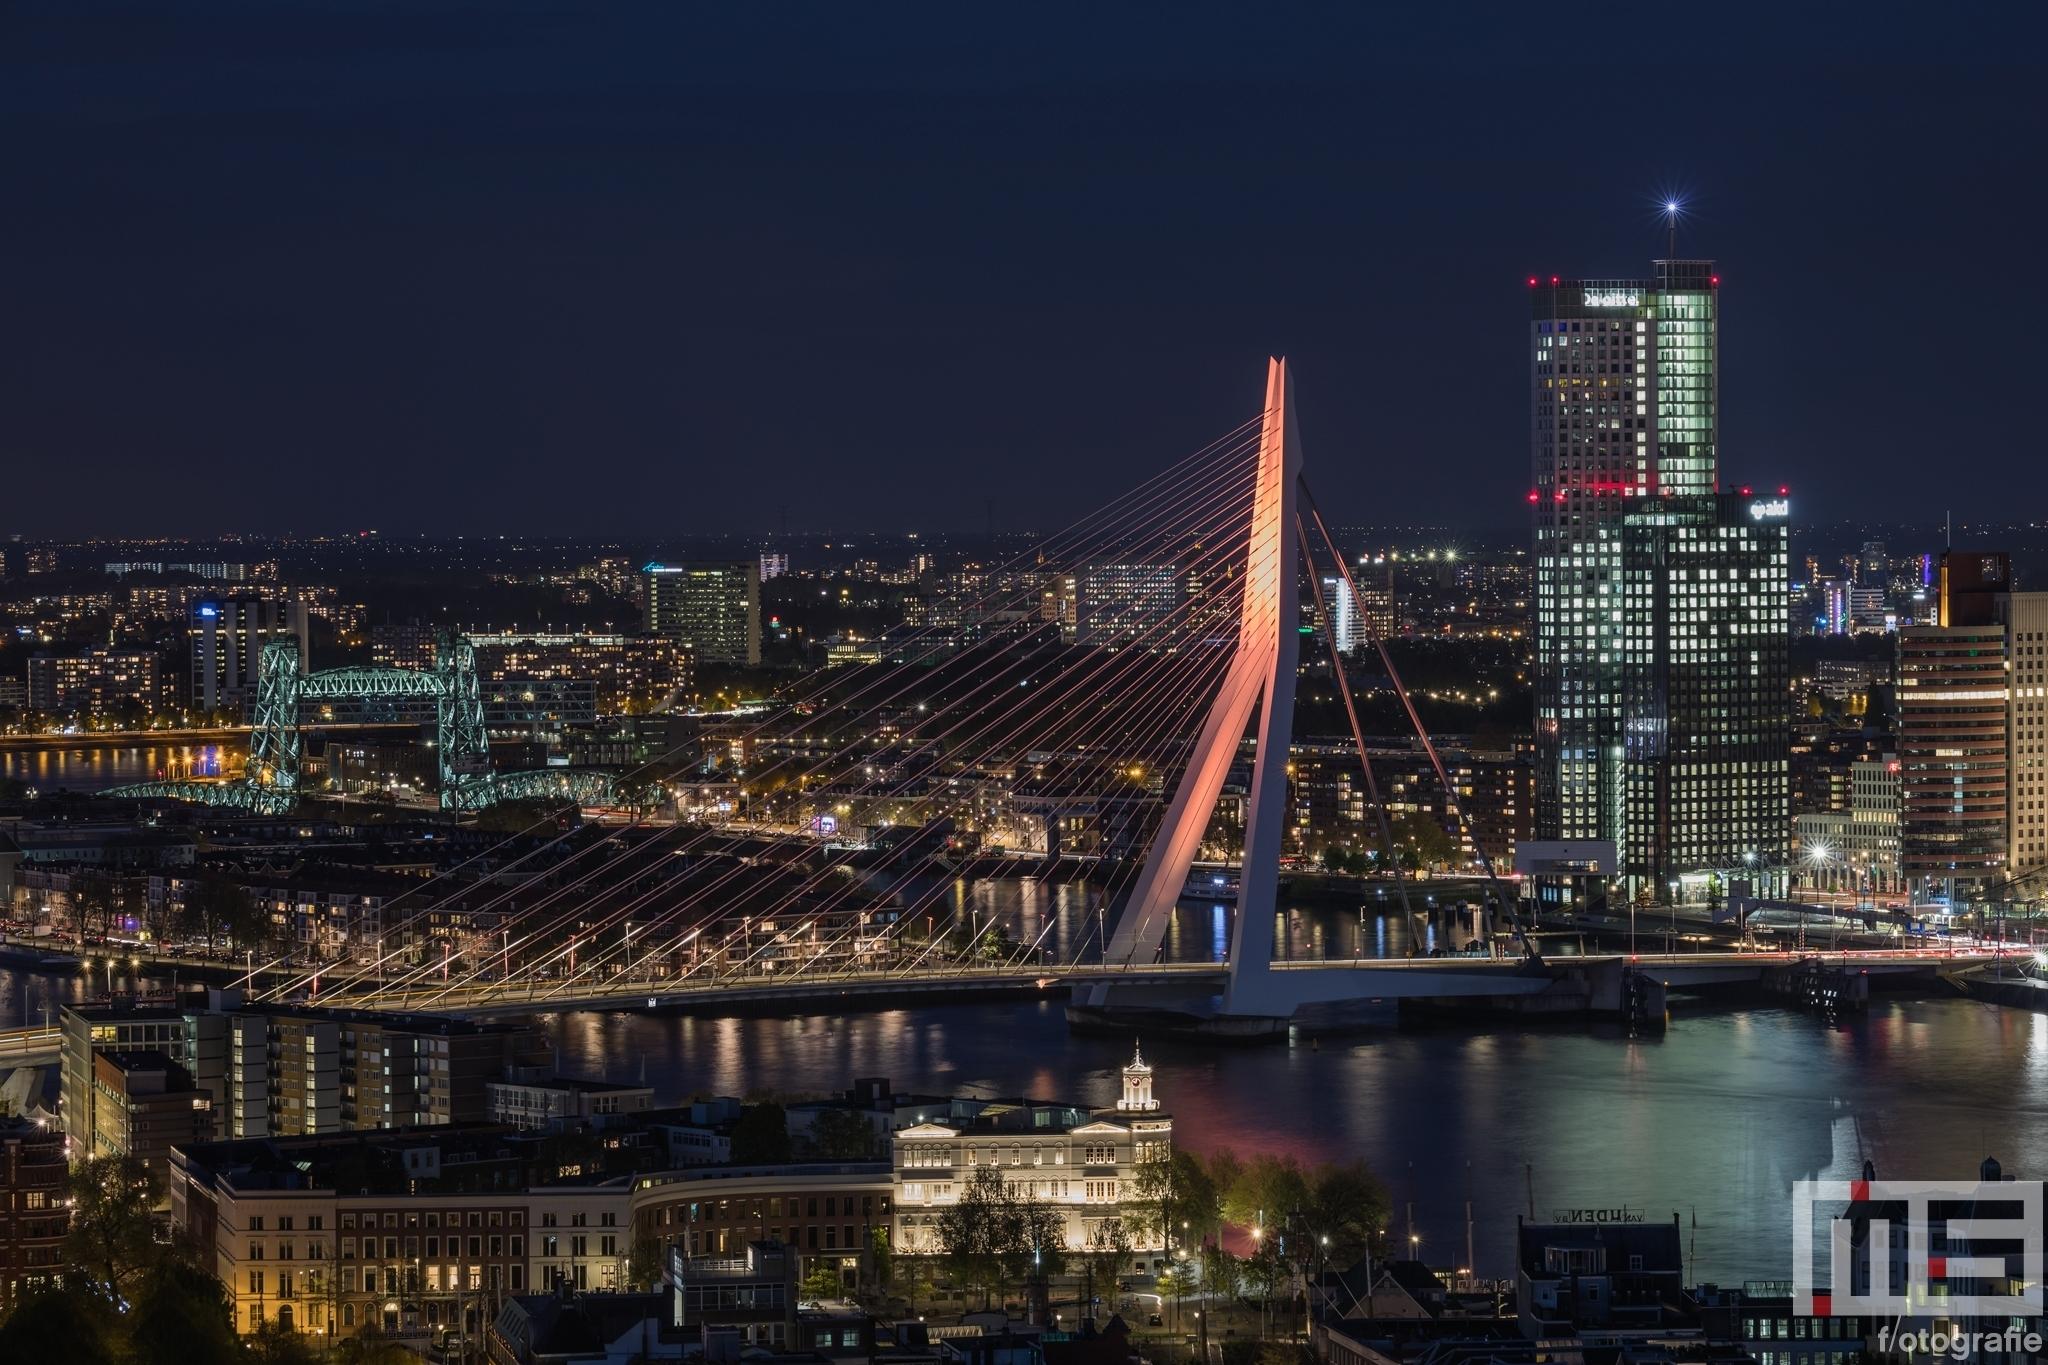 Te Koop | De Erasmusbrug in Rotterdam in oranje koningskleur